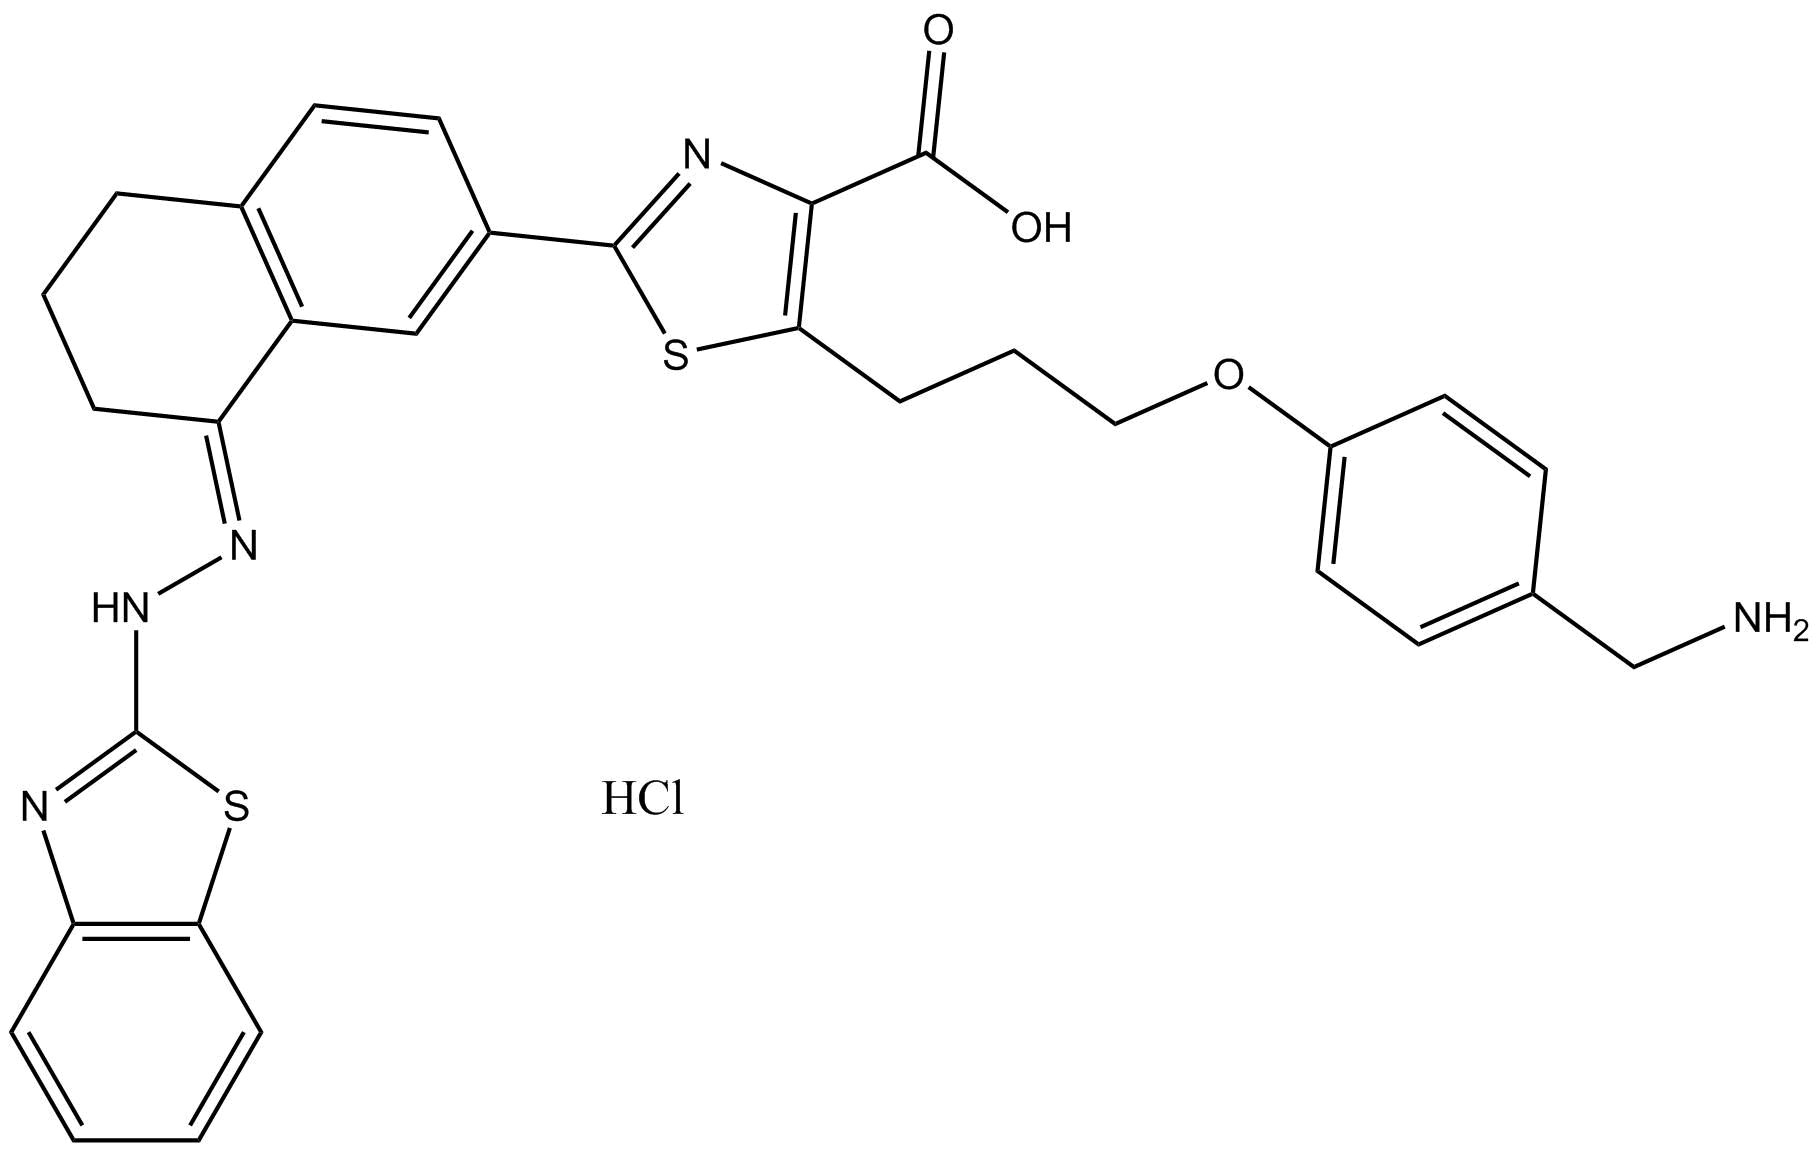 WEHI-539 hydrochloride